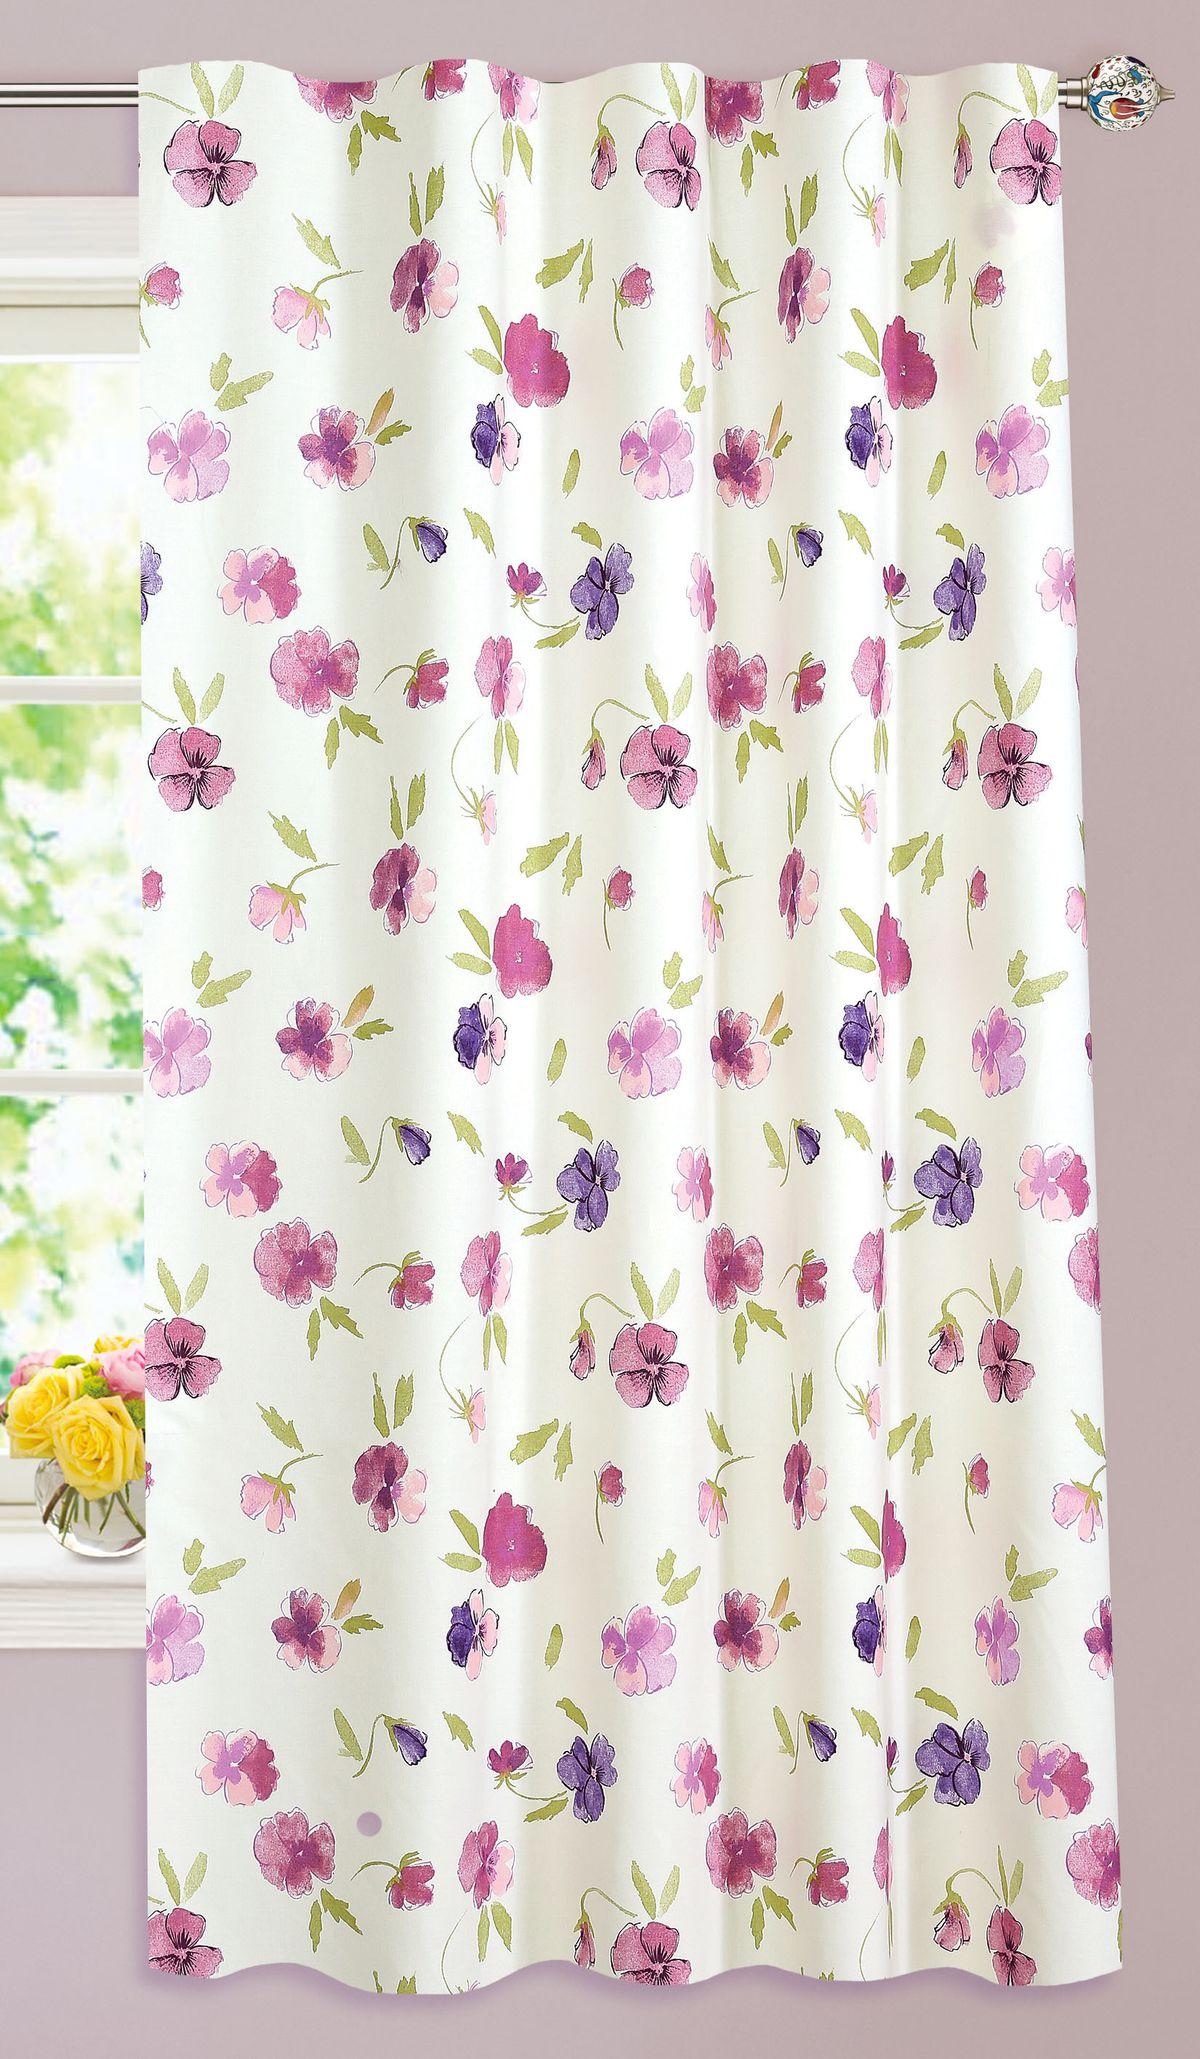 Штора Garden, на ленте, цвет: розовый, высота 180 см. С 10292 - W1687 V2281253Изящная штора Garden выполнена из ткани с оригинальной структурой. Приятная текстура и цвет штор привлекут к себе внимание и органично впишутся в интерьер помещения. Штора крепится на карниз при помощи ленты, которая поможет красиво и равномерно задрапировать верх.